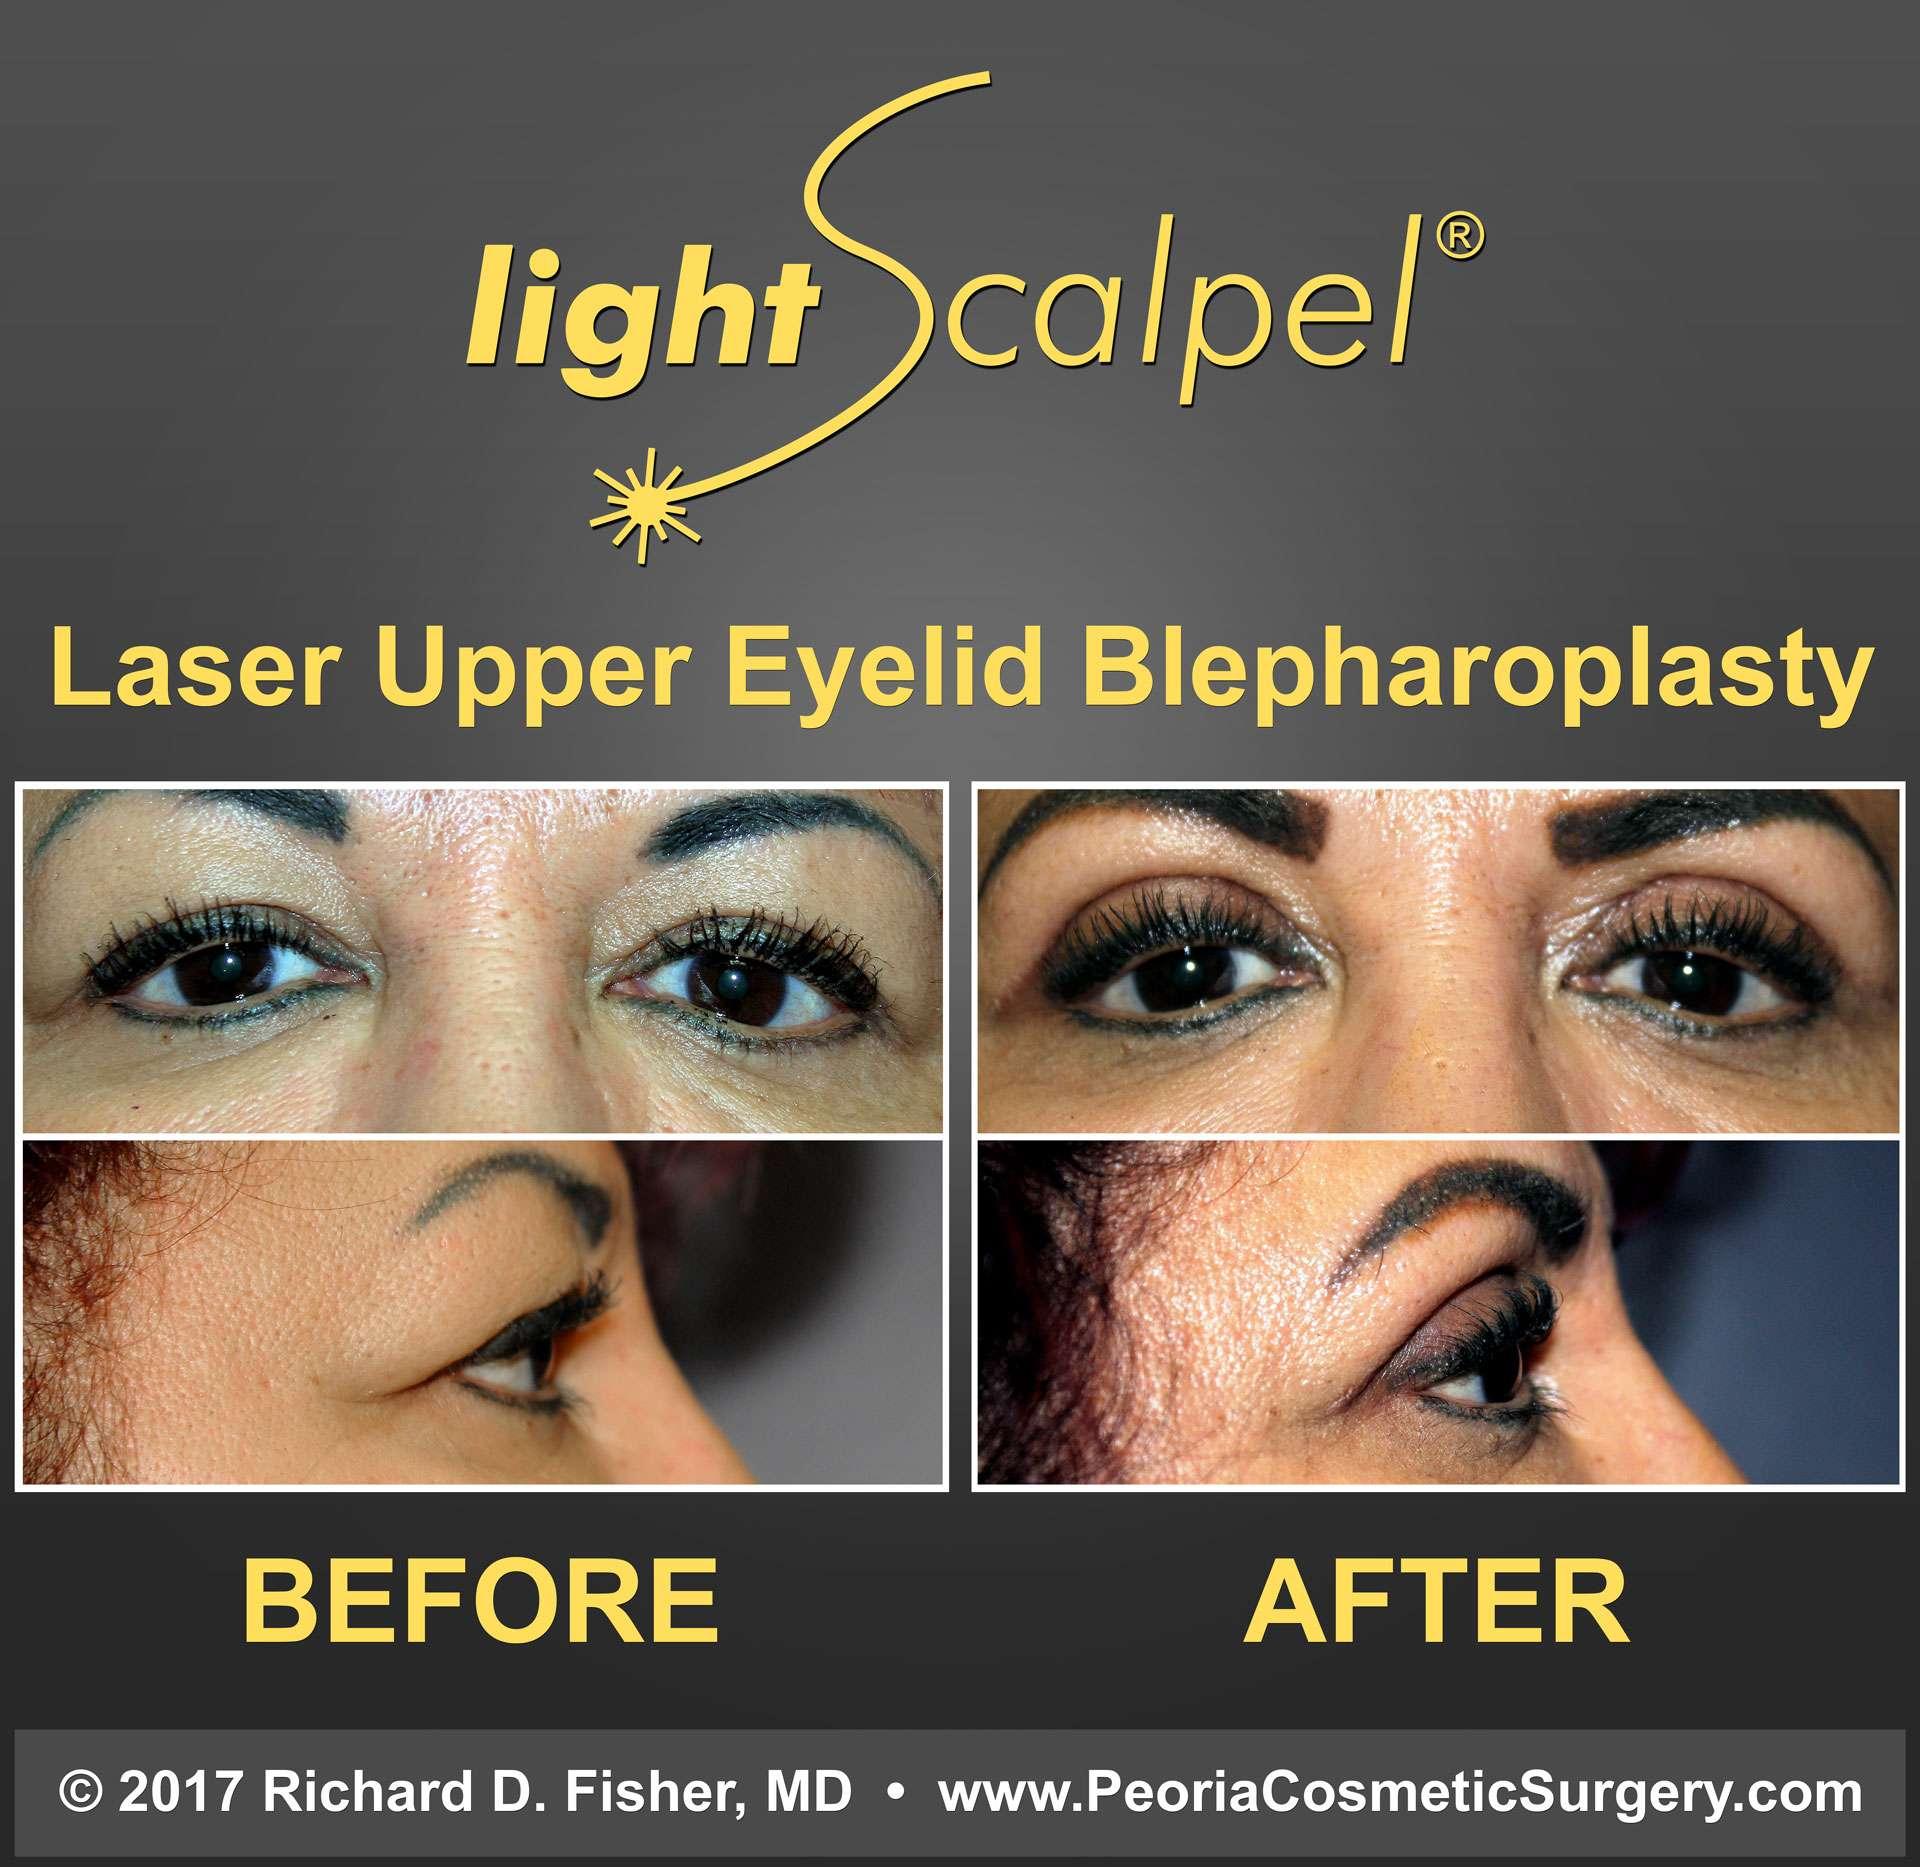 Laser Upper Eyelid Blepharoplasty Results